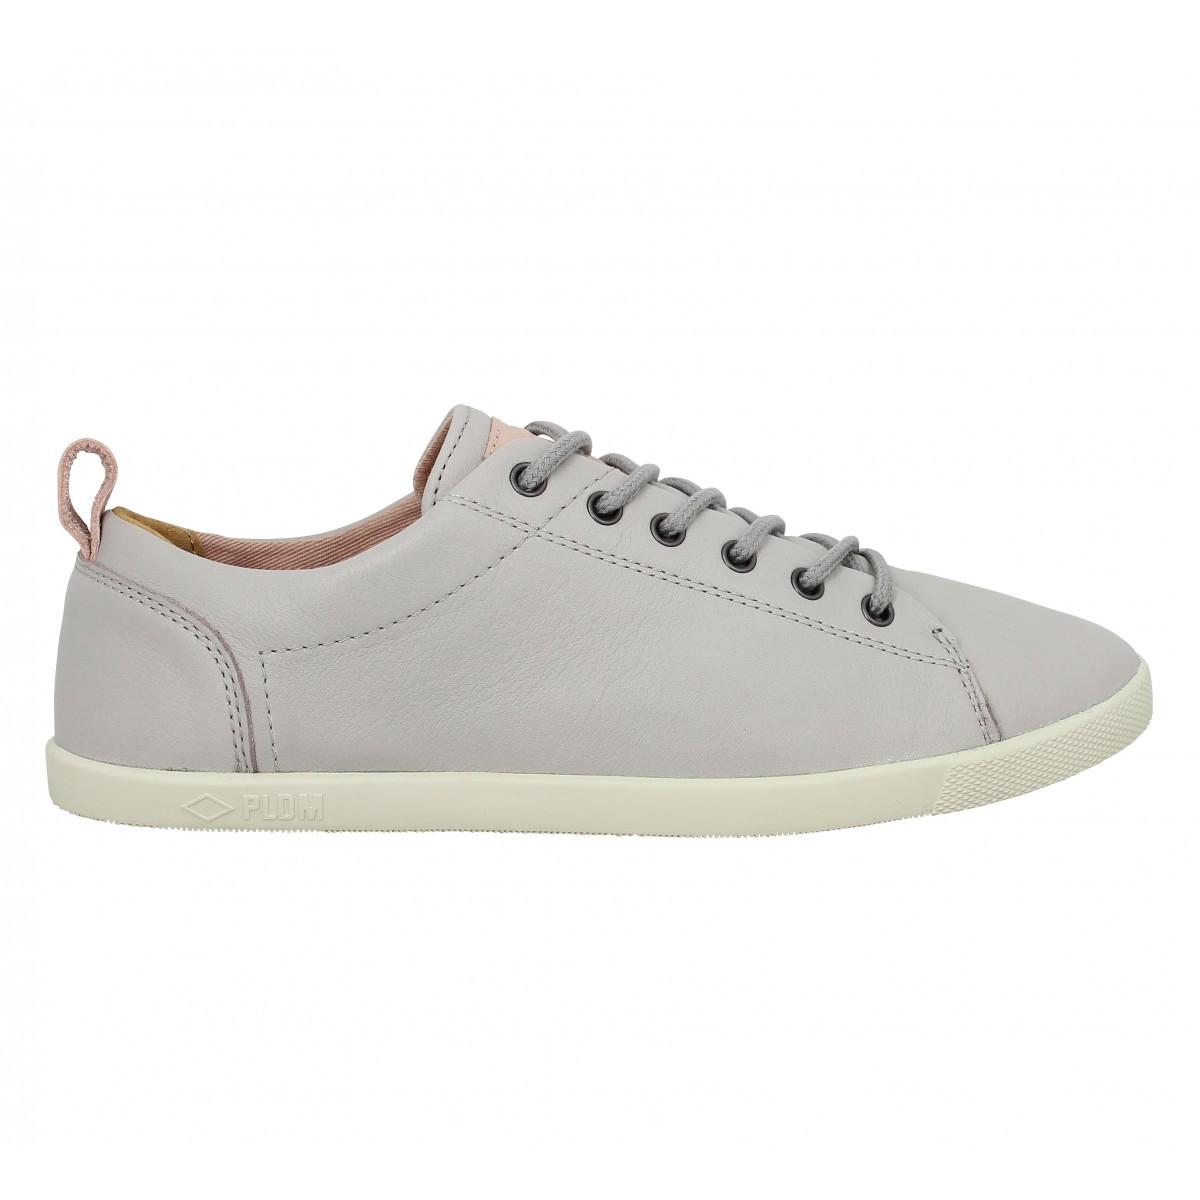 PLDM by Palladium Chaussures BEL NCA Le Plus Grand Fournisseur Prix Pas Cher agréable Images Footlocker Sortie La Vente En Ligne Officielle Réduction 2018 rnrT58kSDK